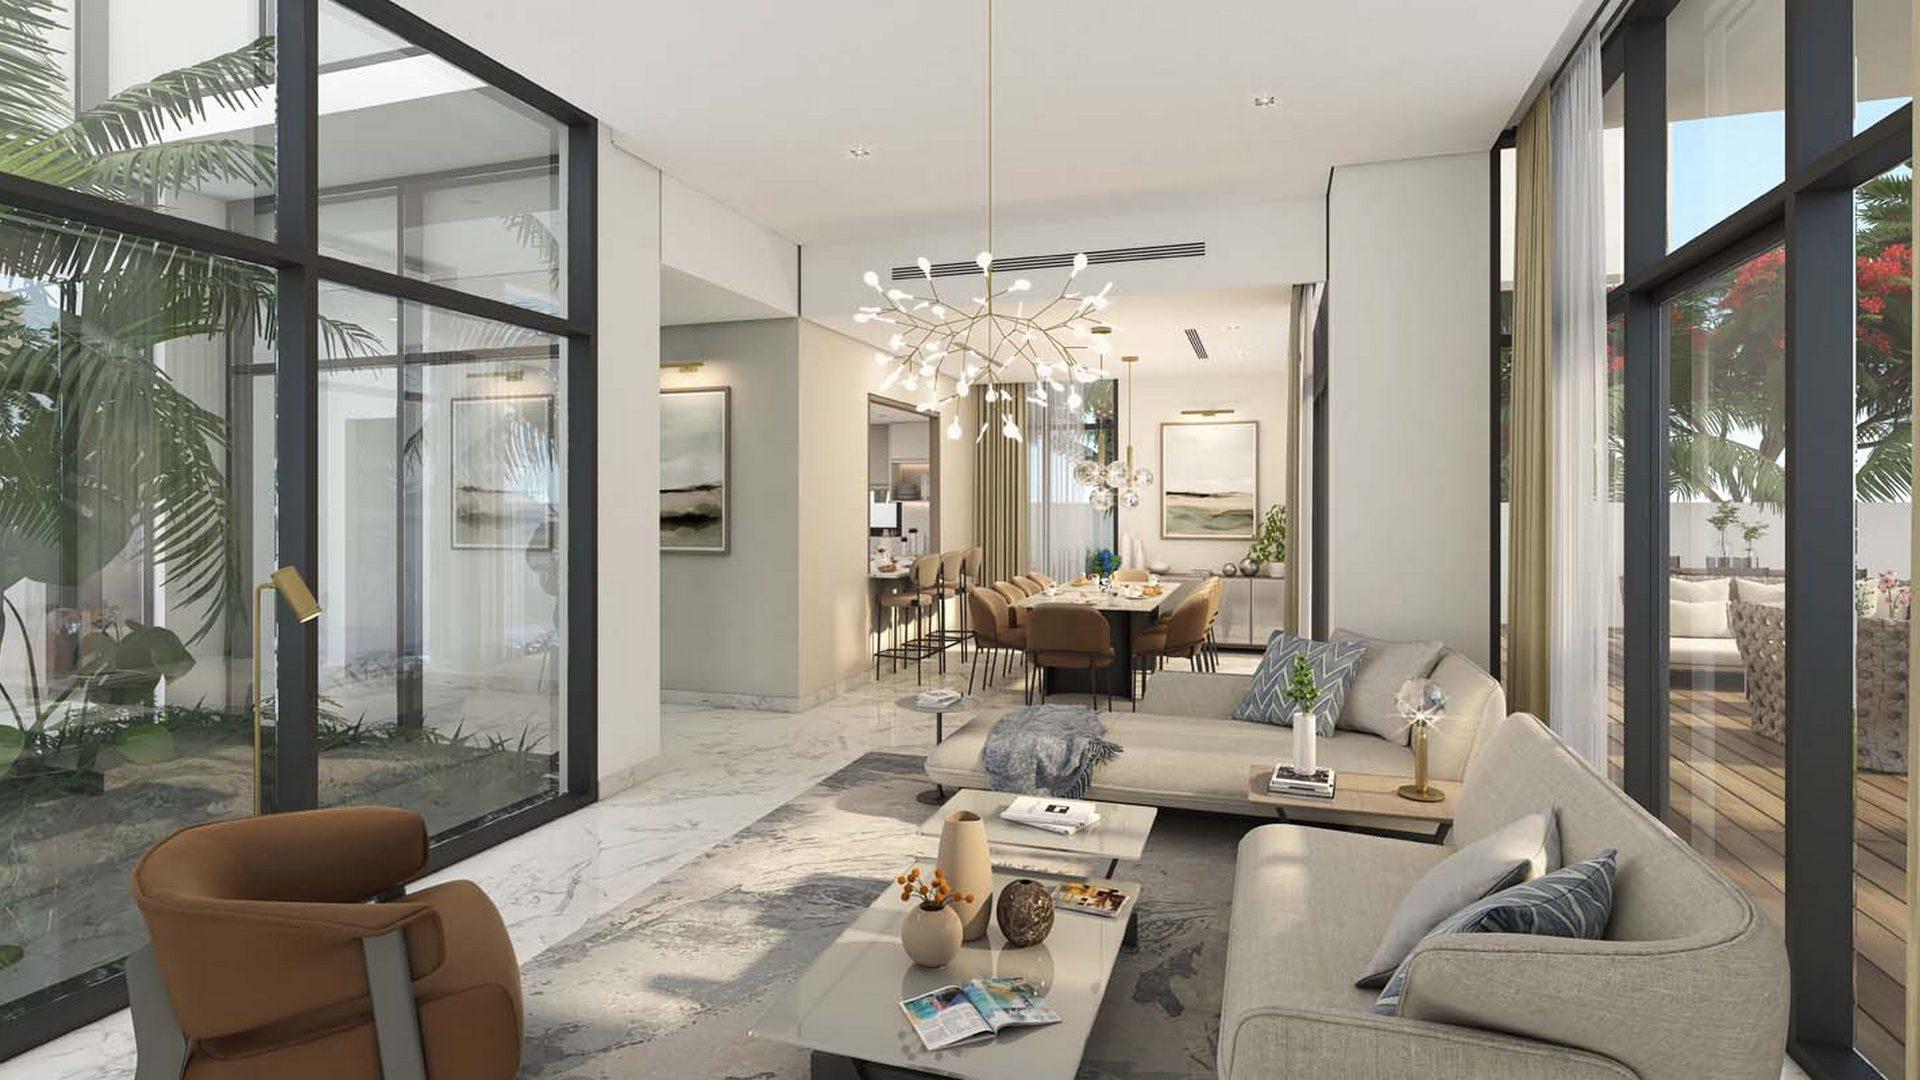 Adosado en venta en Dubai, EAU, 3 dormitorios, 224 m2, № 24533 – foto 8